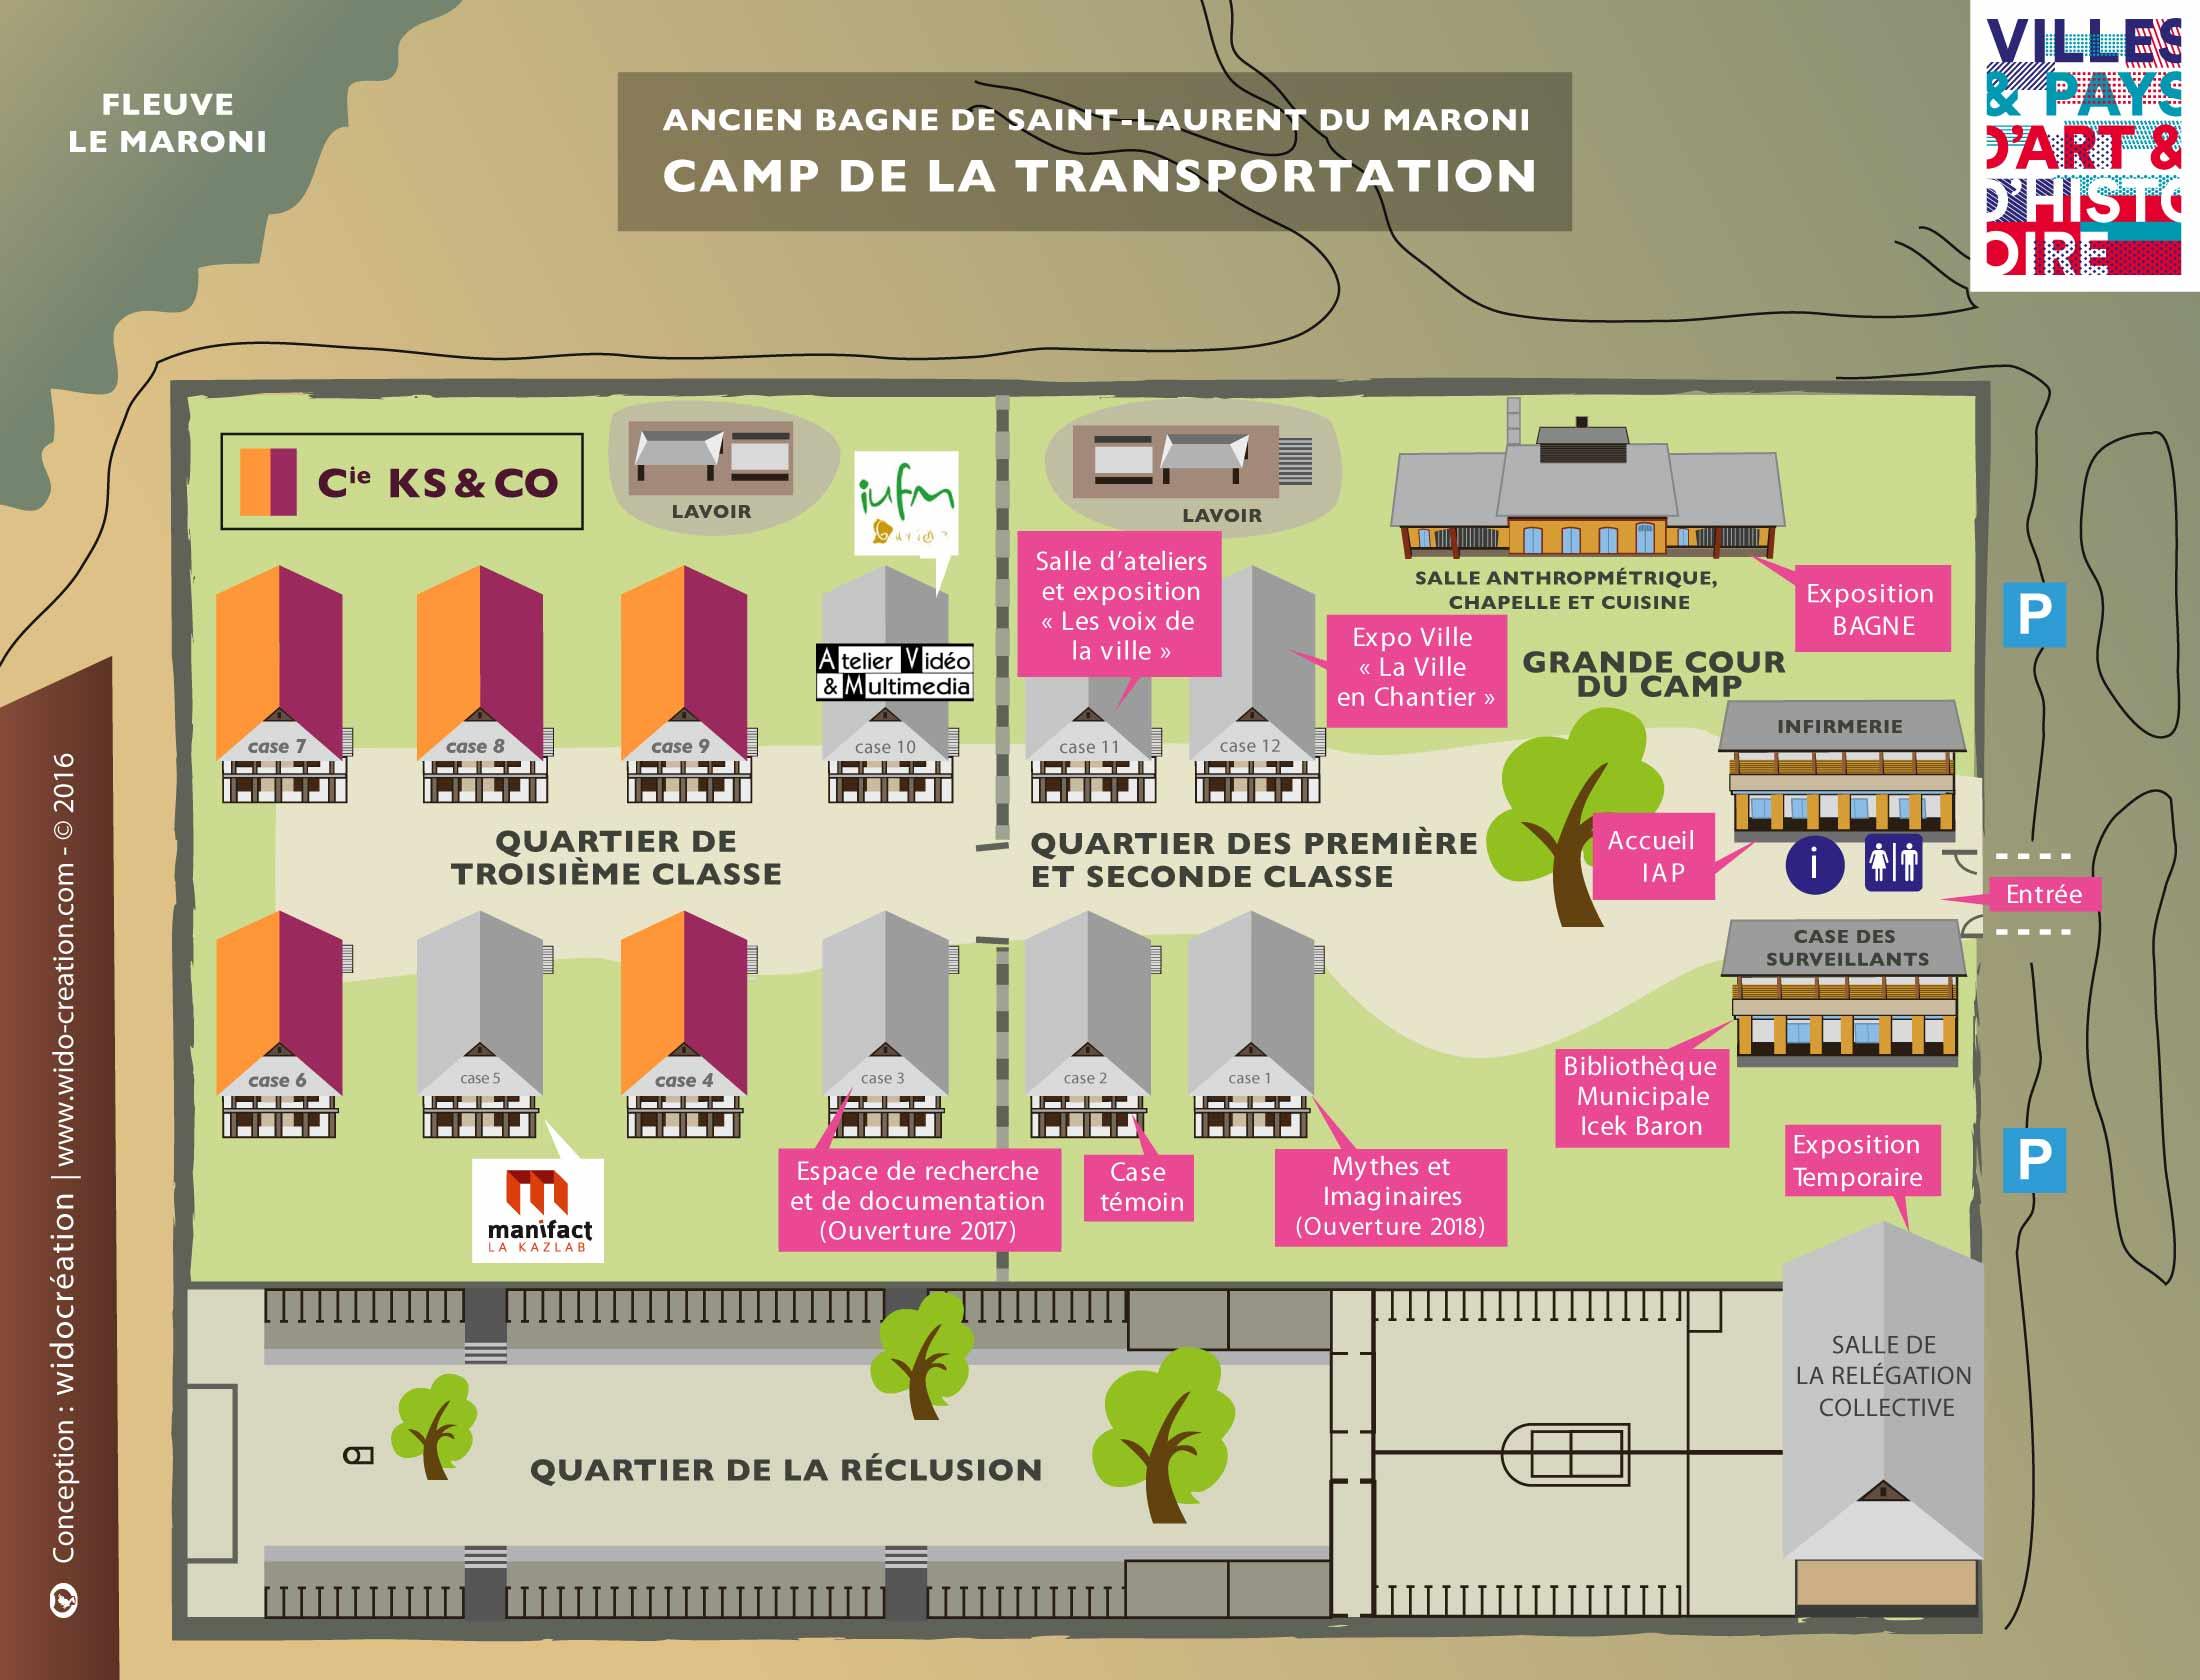 Plan du camp de la Transportation - Locaux de la Compagnie KS and CO - Saint-laurent du Maroni - Guyane